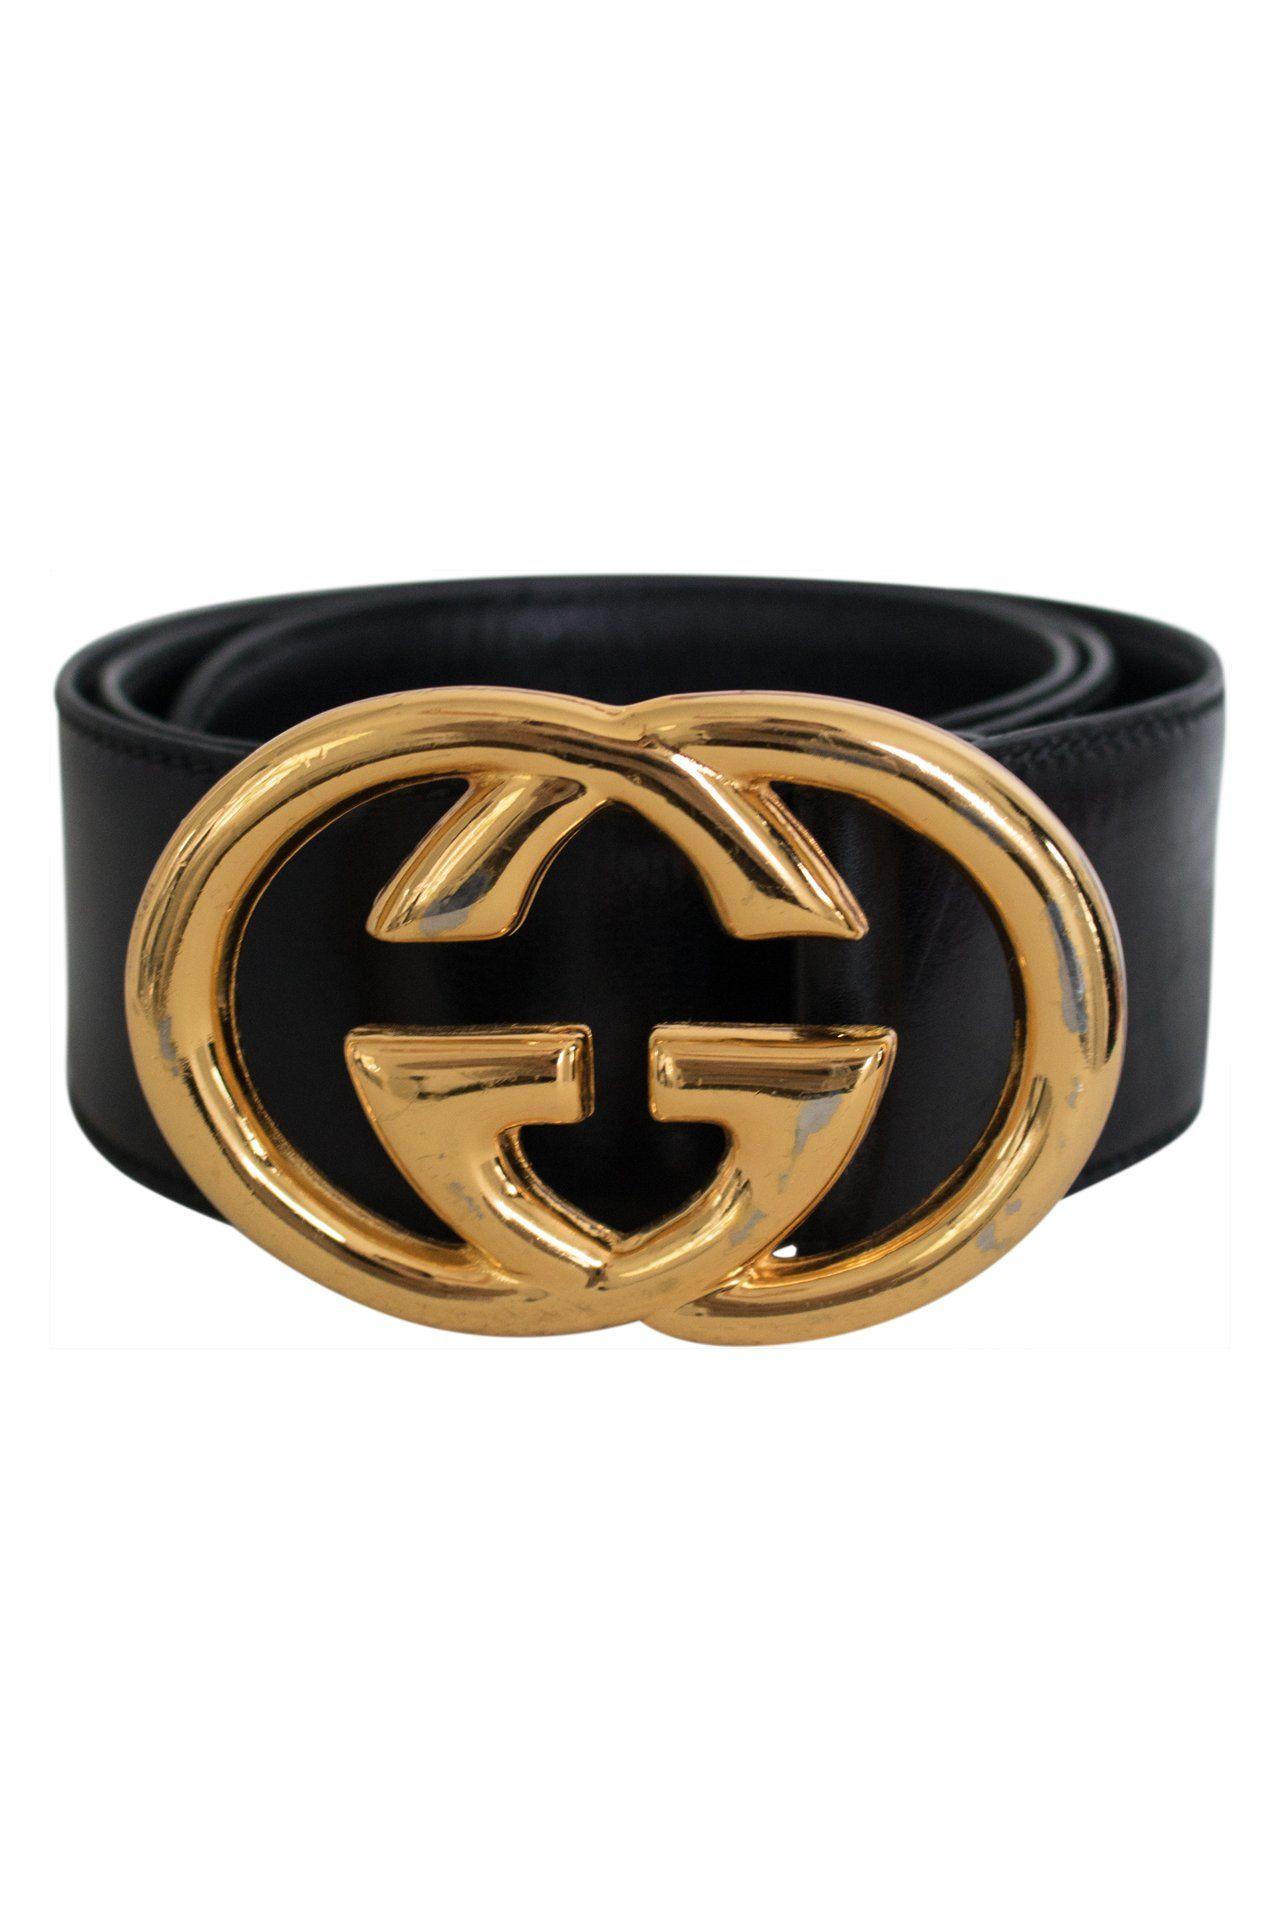 Vintage Gucci Belt with Large Gold Logo.